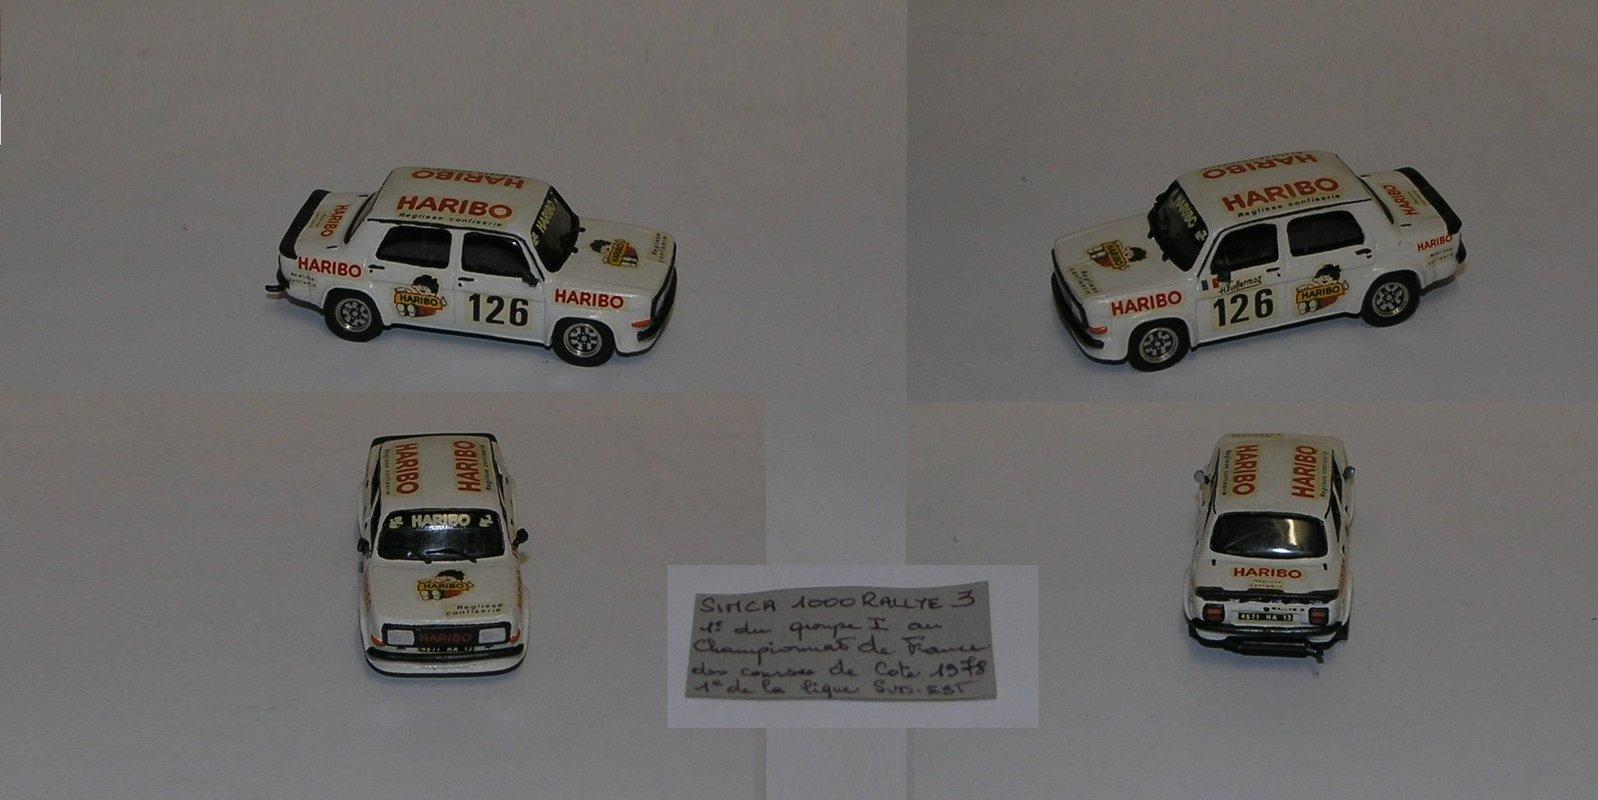 187541212_Simca-1000-Rallye-III-Cte.thumb.jpg.c9ba7043a52cdd2a630c48b3be33b24f.jpg